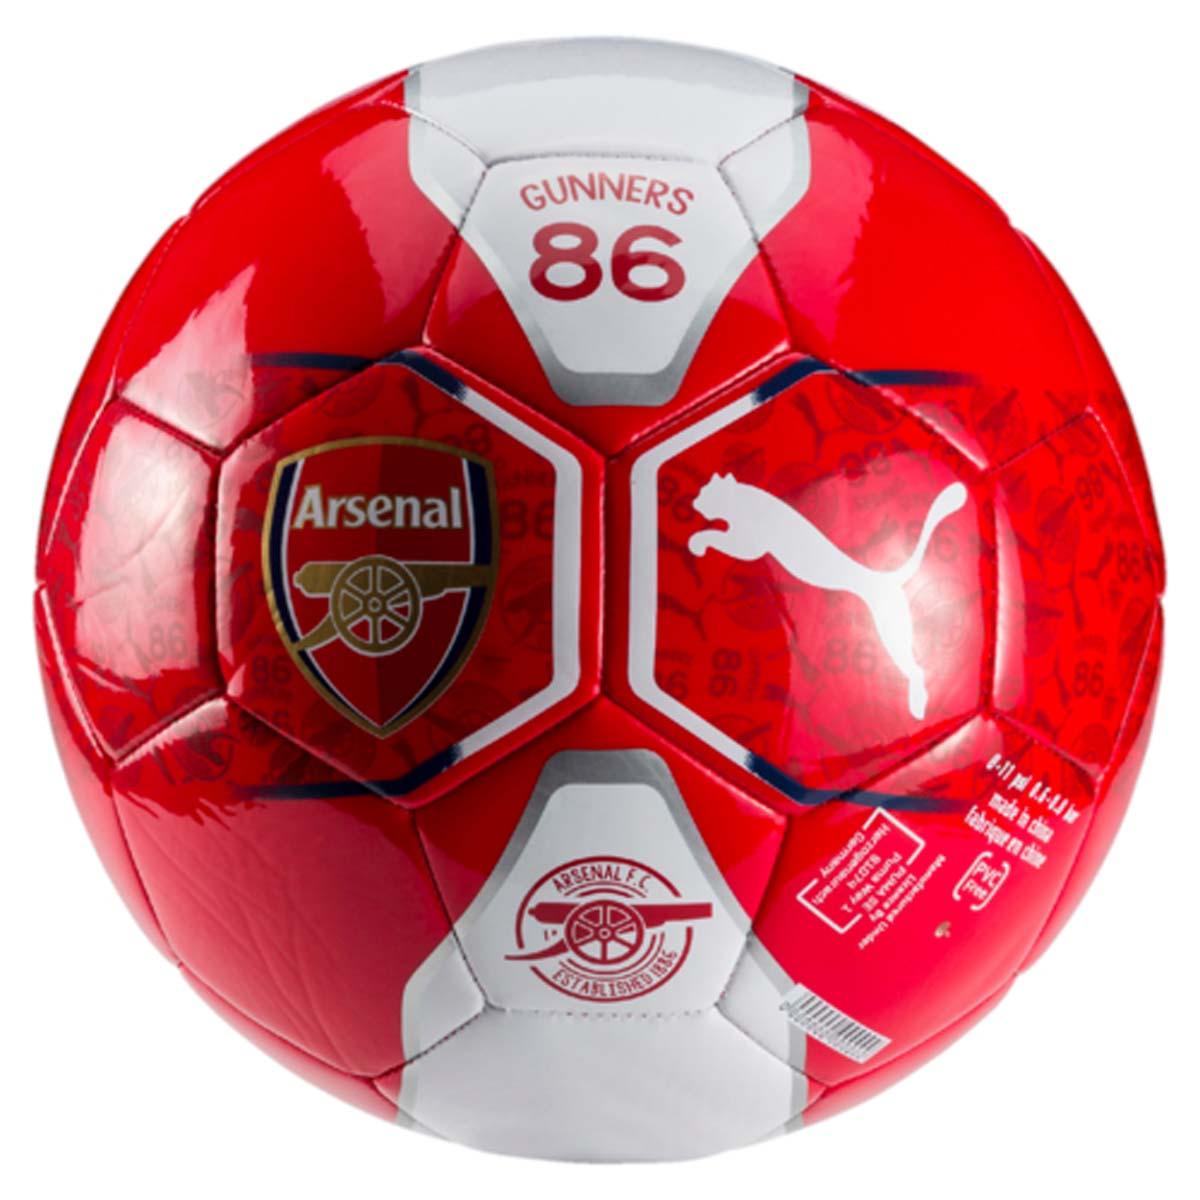 Мяч футбольный Puma Arsenal Fan Ball, цвет: красный. 08274201. Размер 5